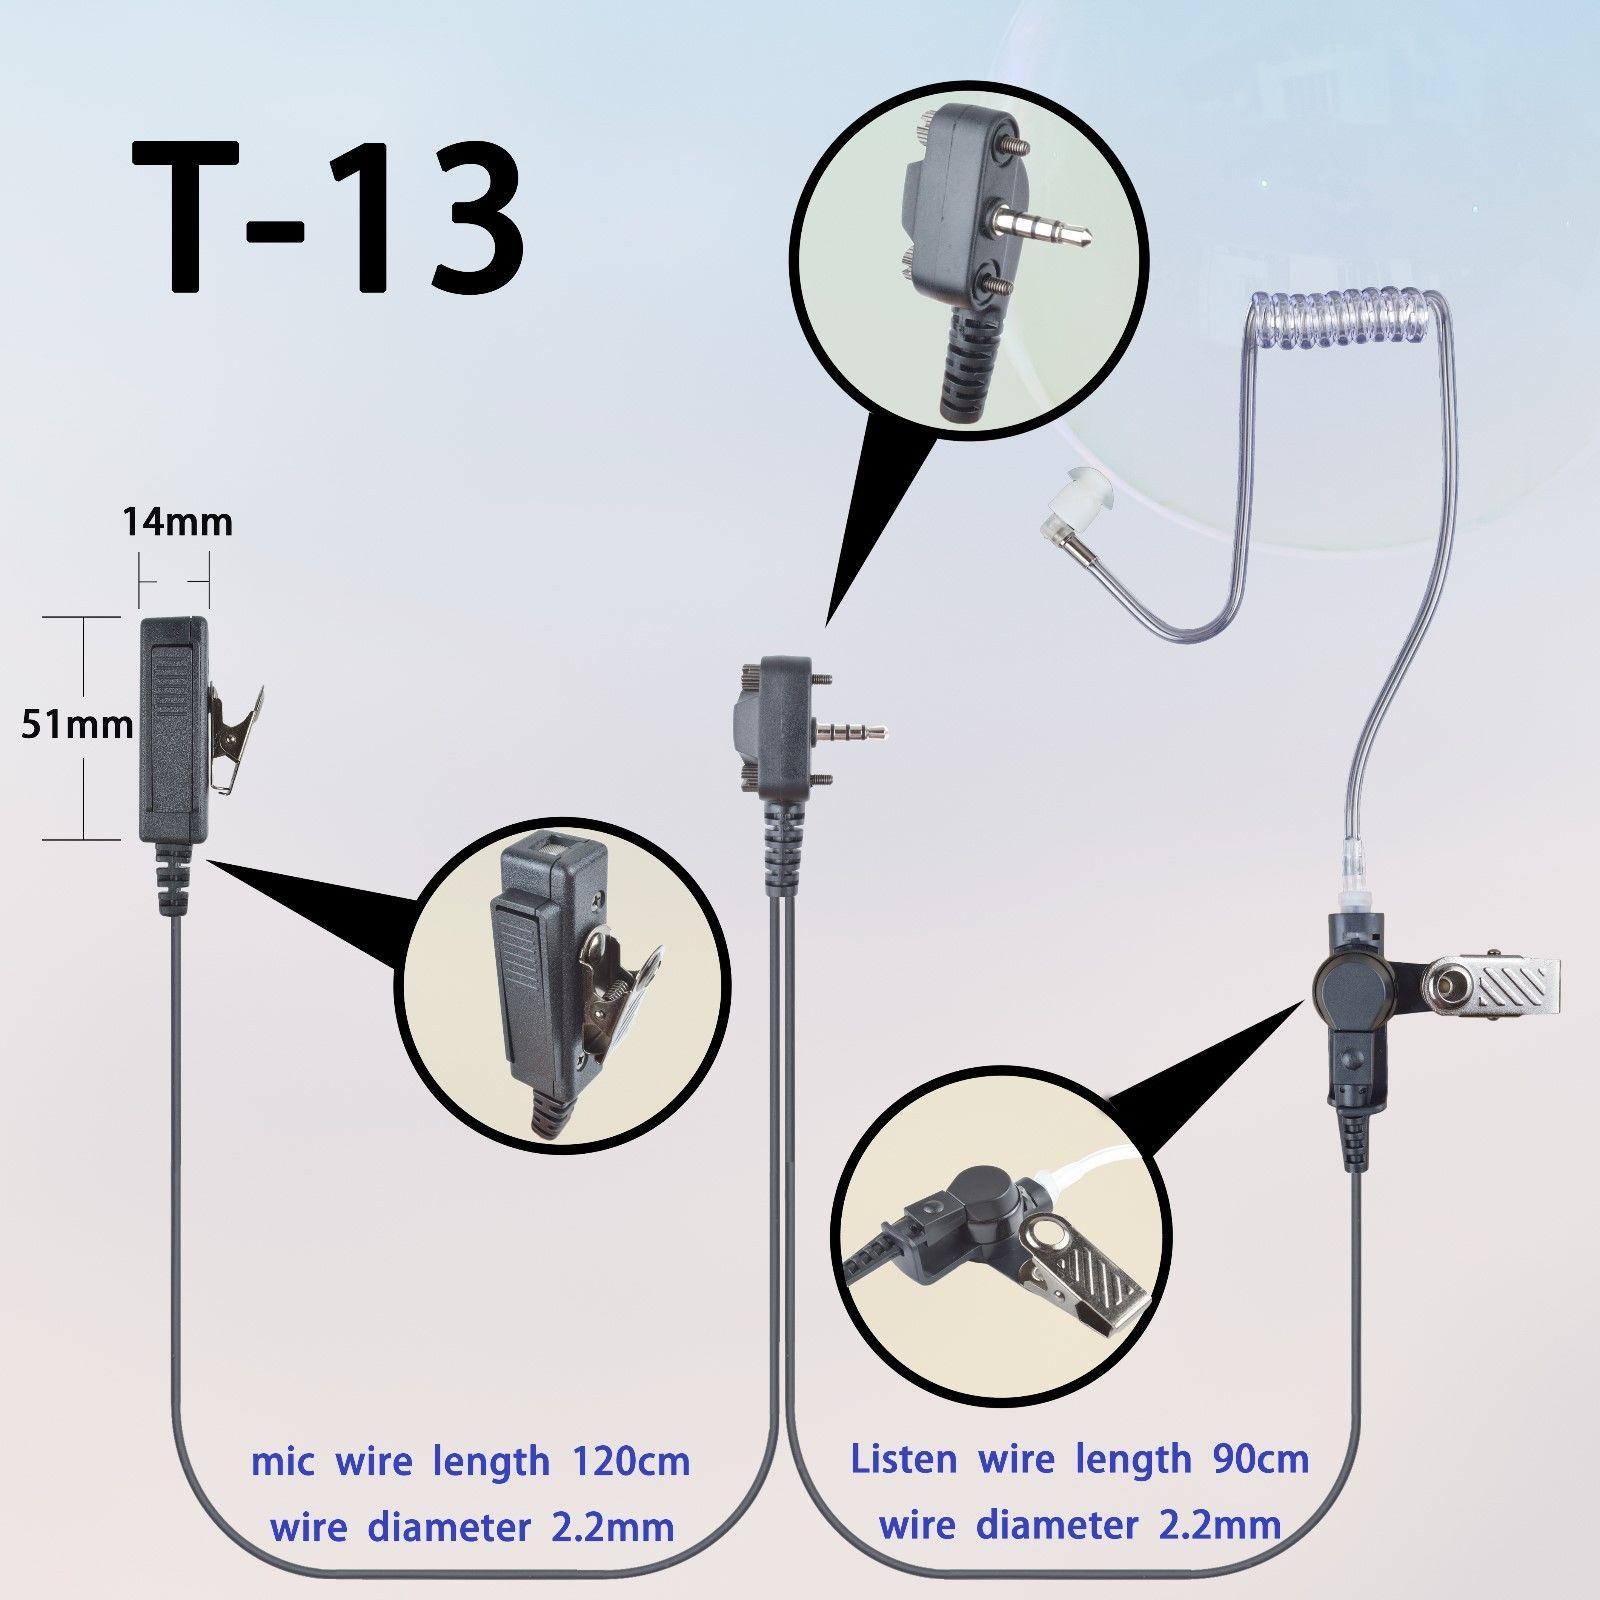 2-wire Surveillance Earpiece mic For Vertex Standard VX168 VX261 Portable Radio